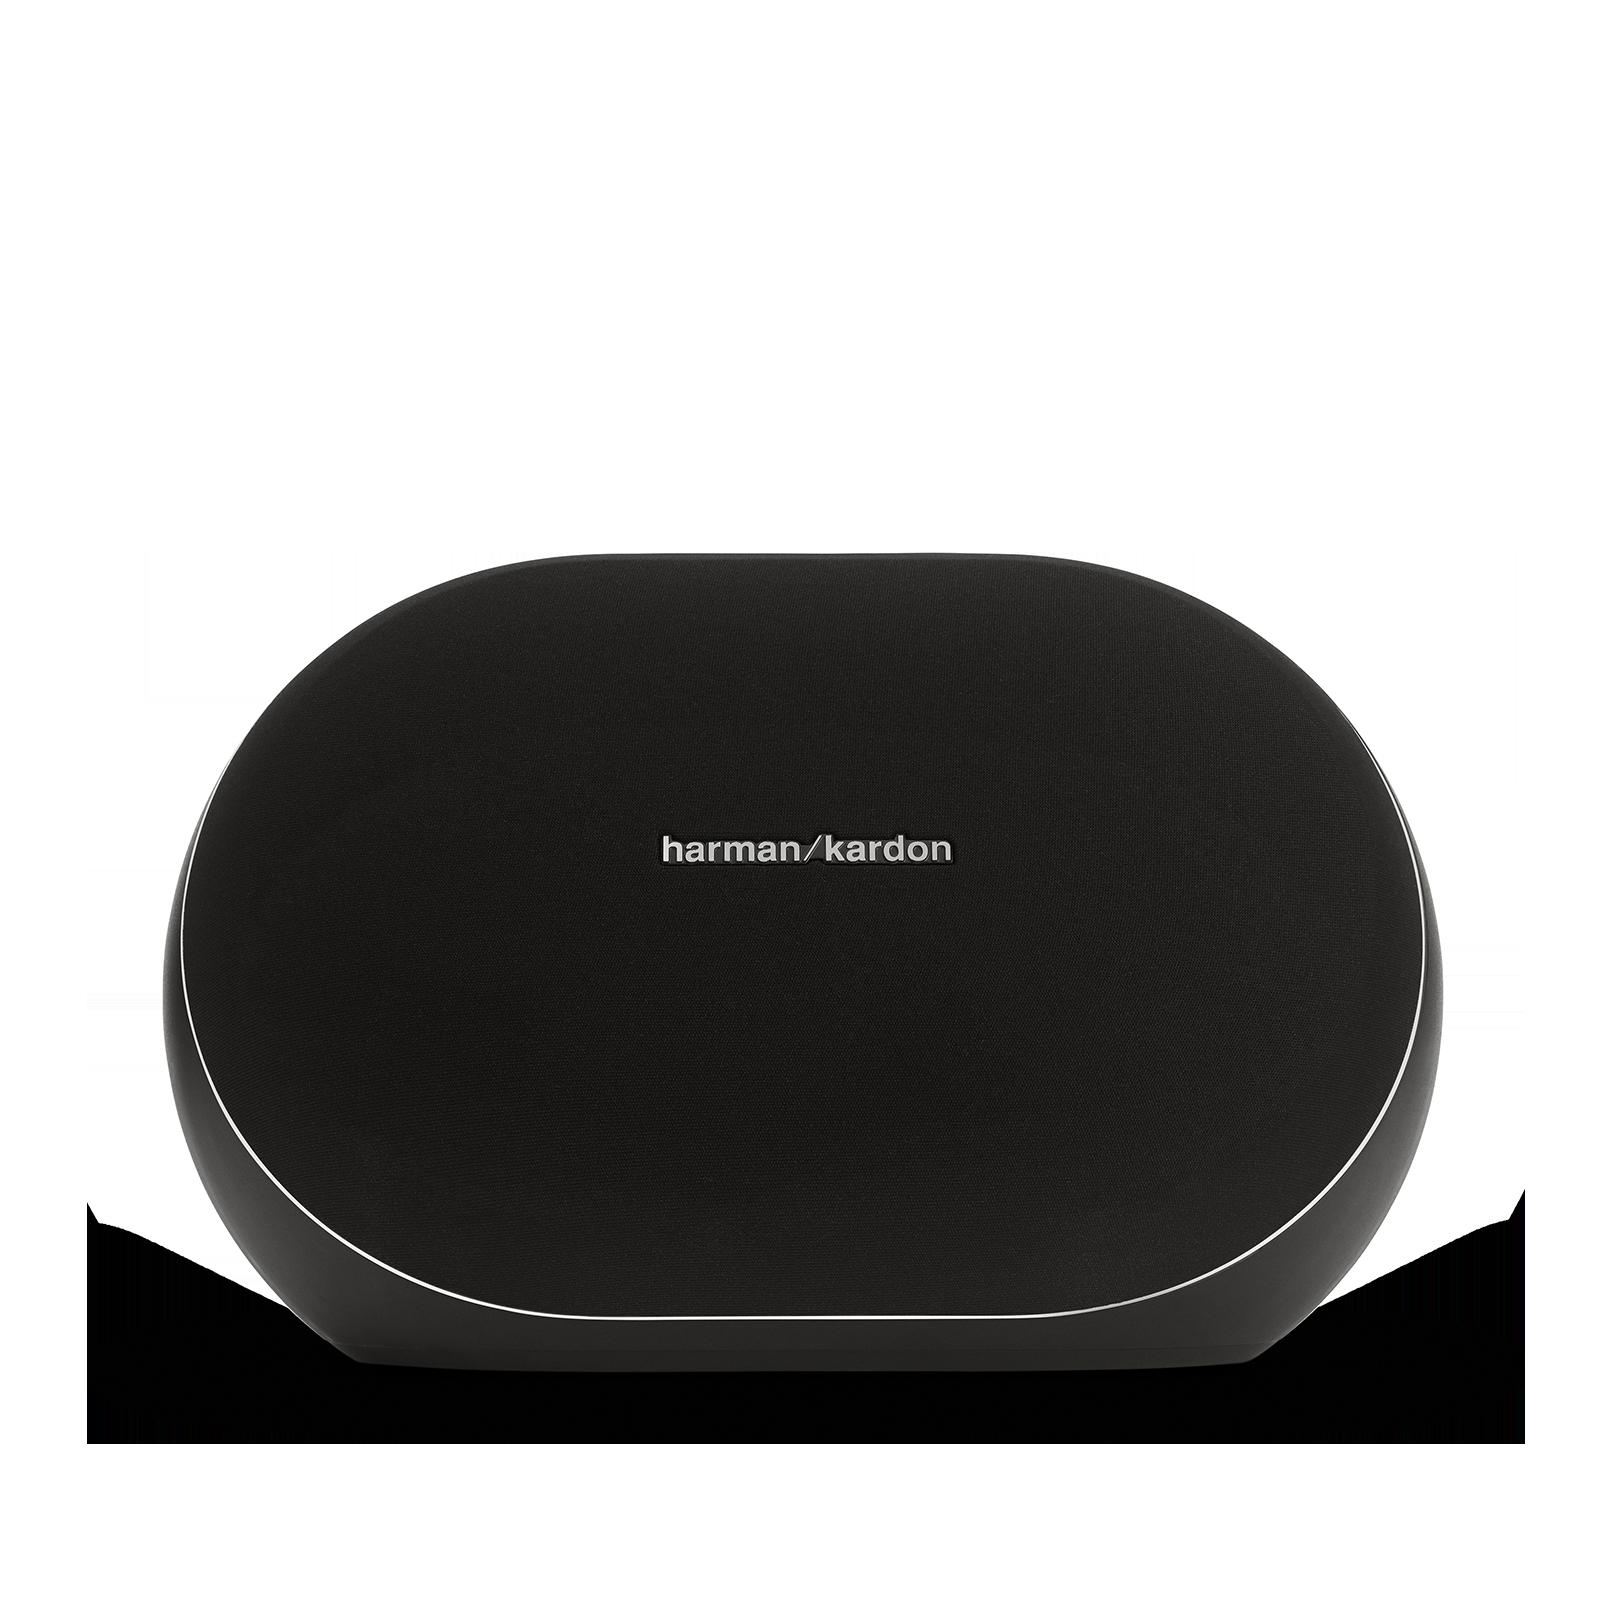 Omni 20 Plus - Black - Wireless HD stereo speaker - Front